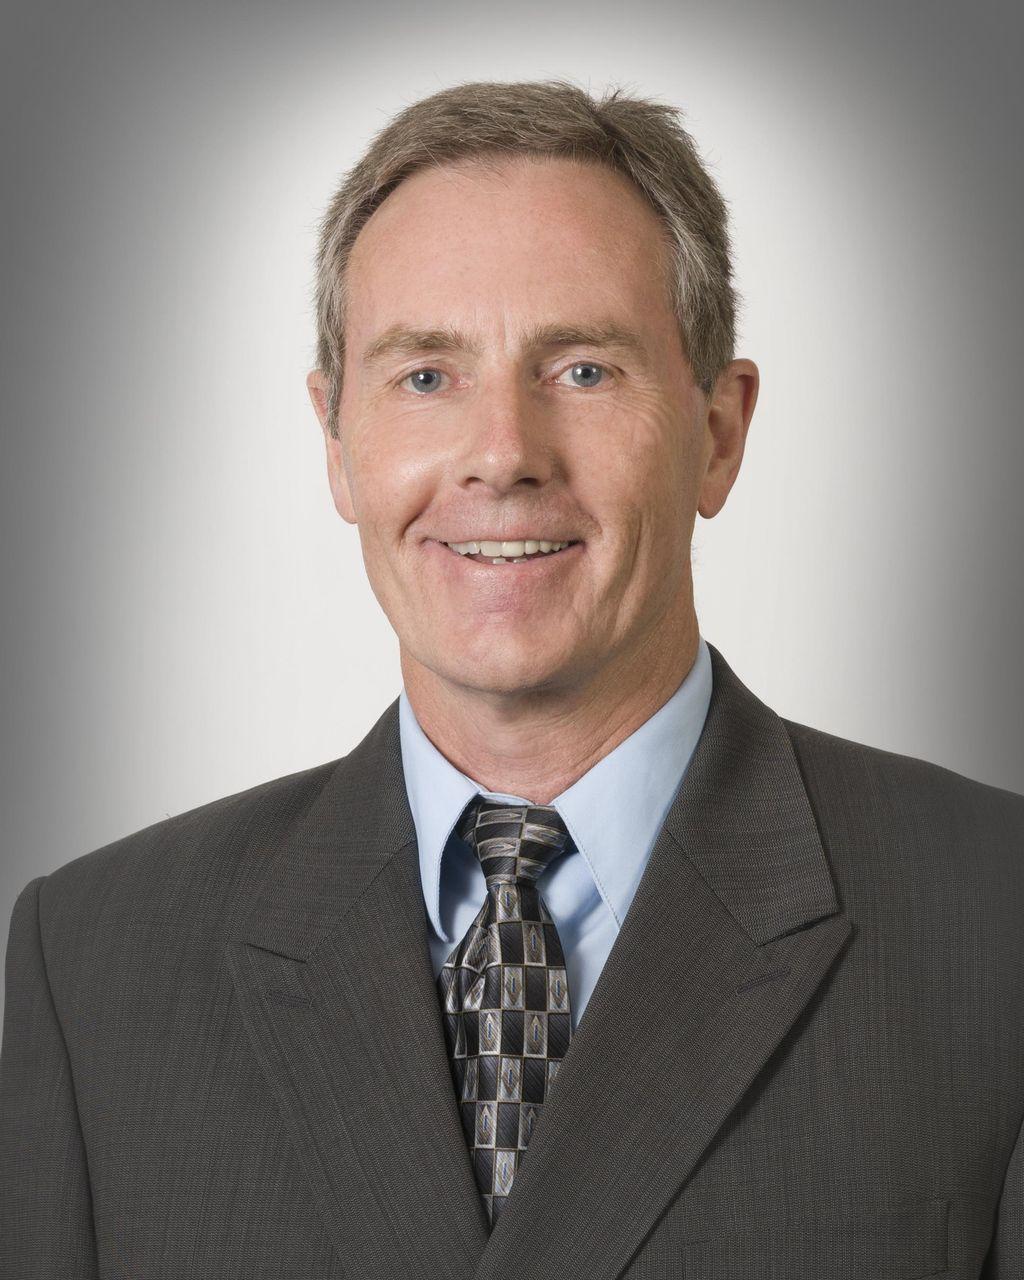 Doug Beesley